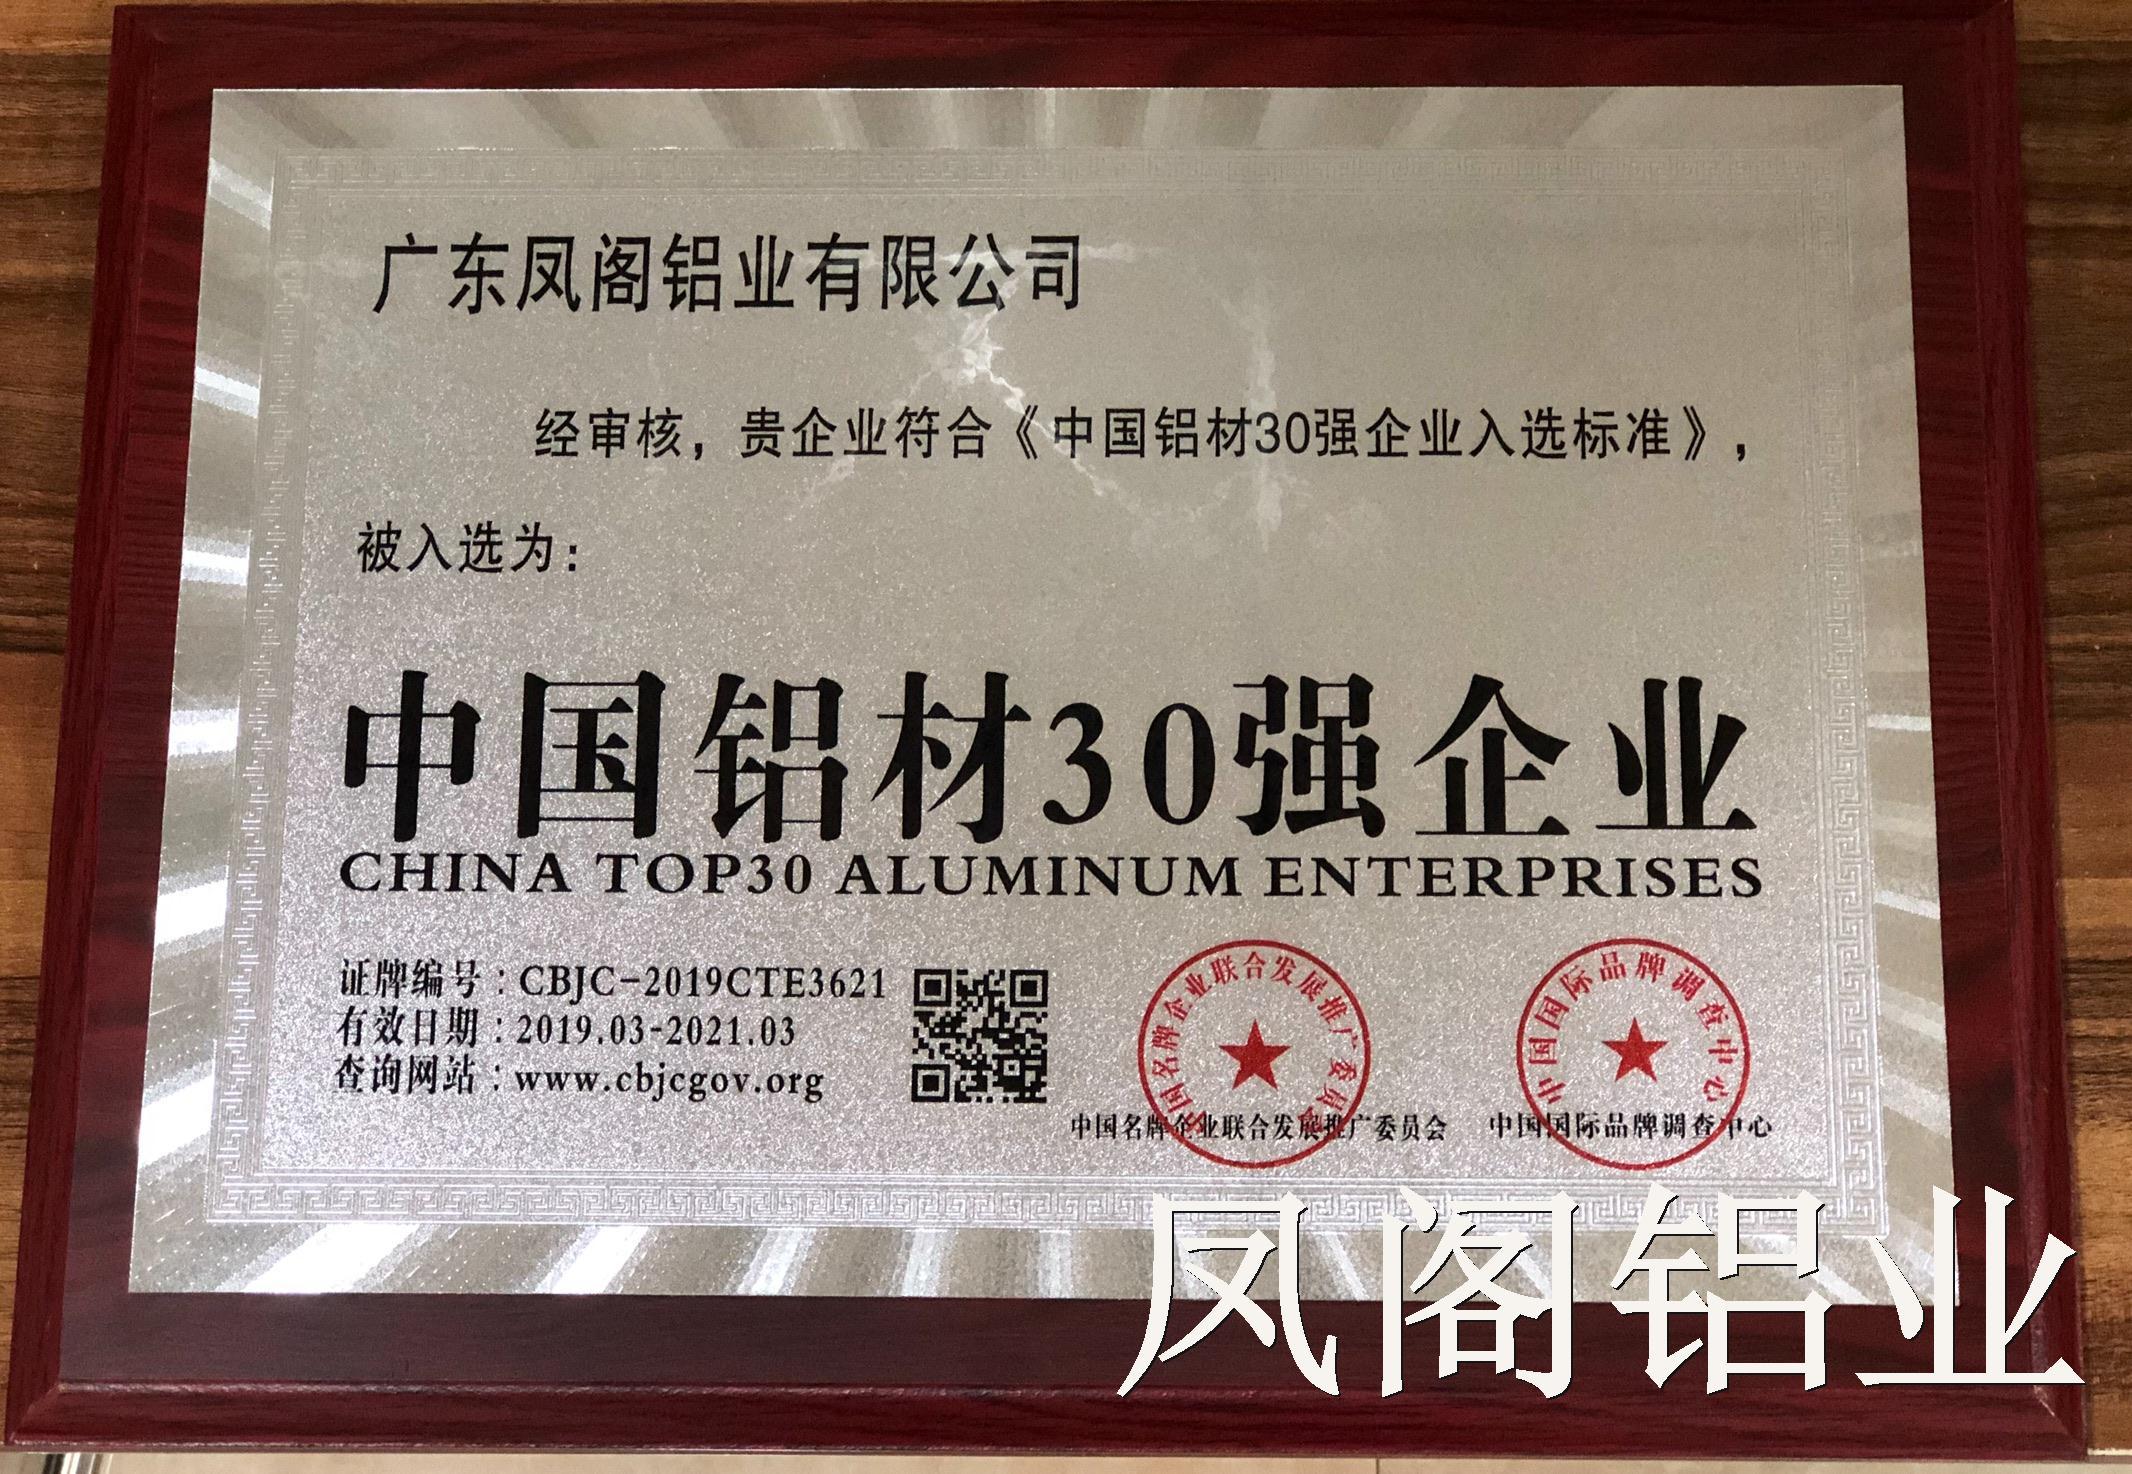 中国铝材30强企业